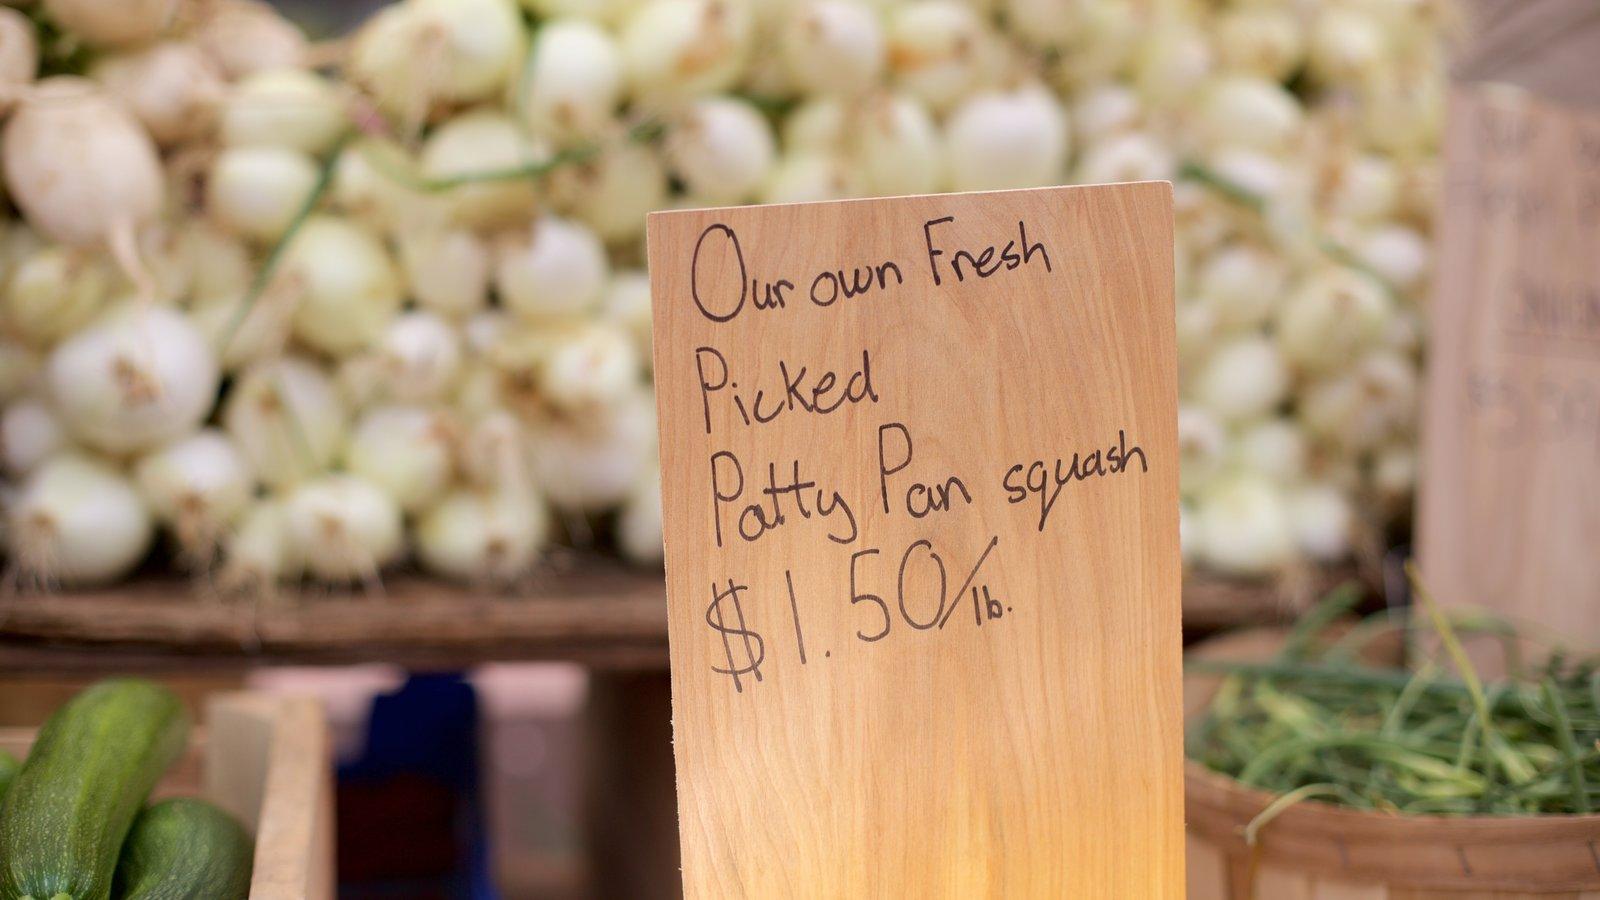 Back Bay caracterizando comida, mercados e sinalização